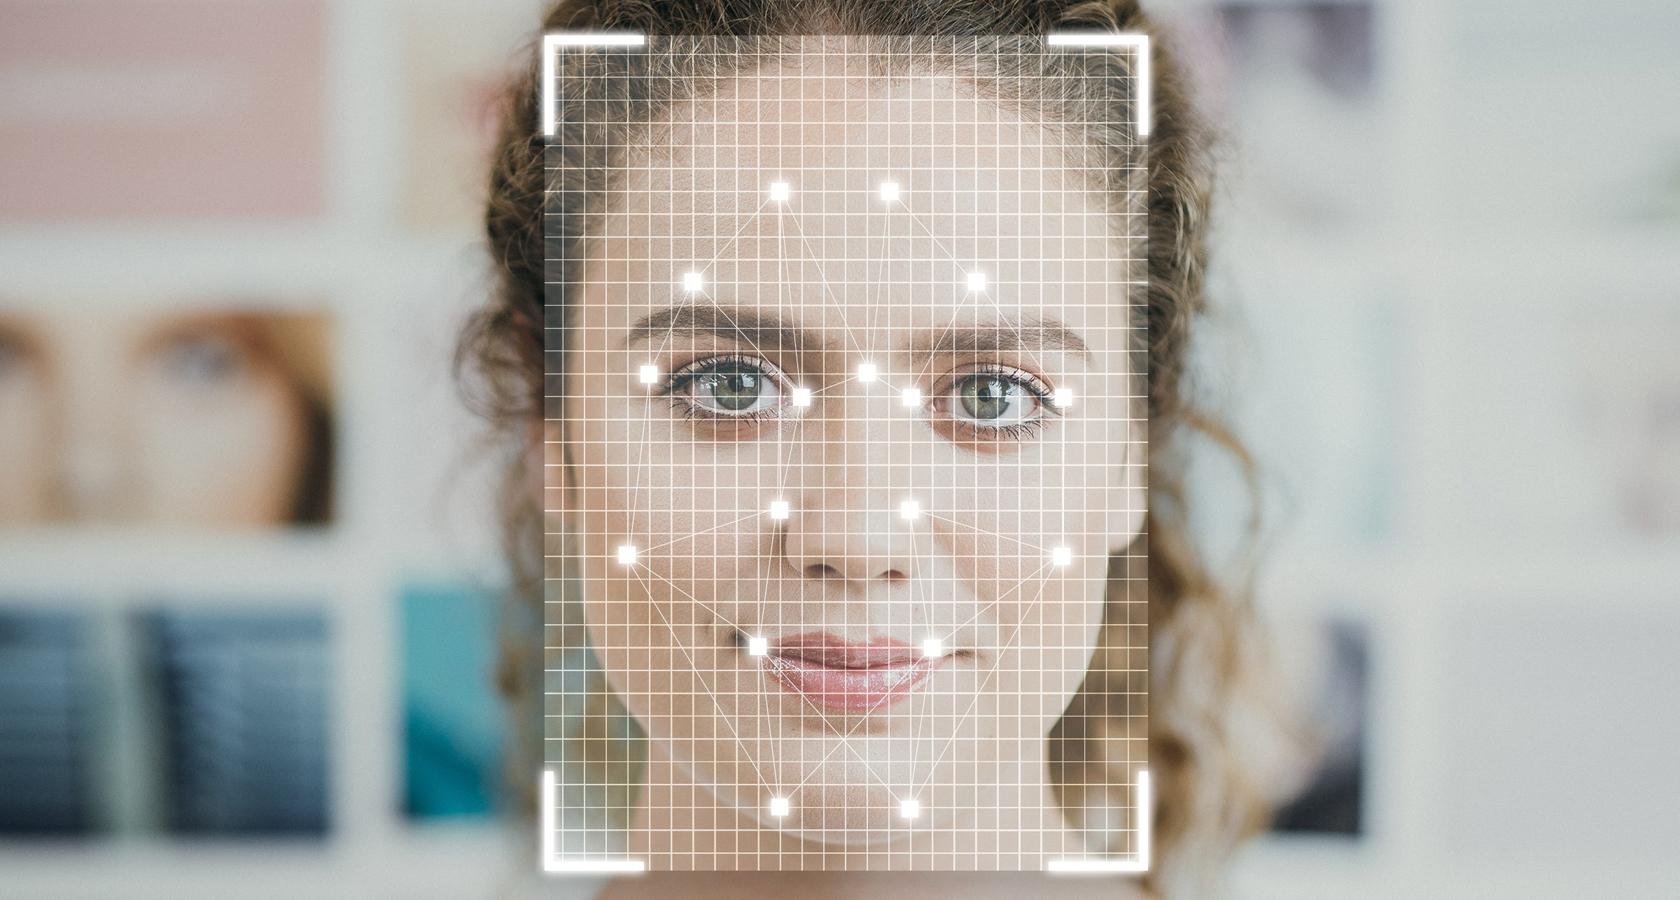 3DiVi Face Recognition SDK